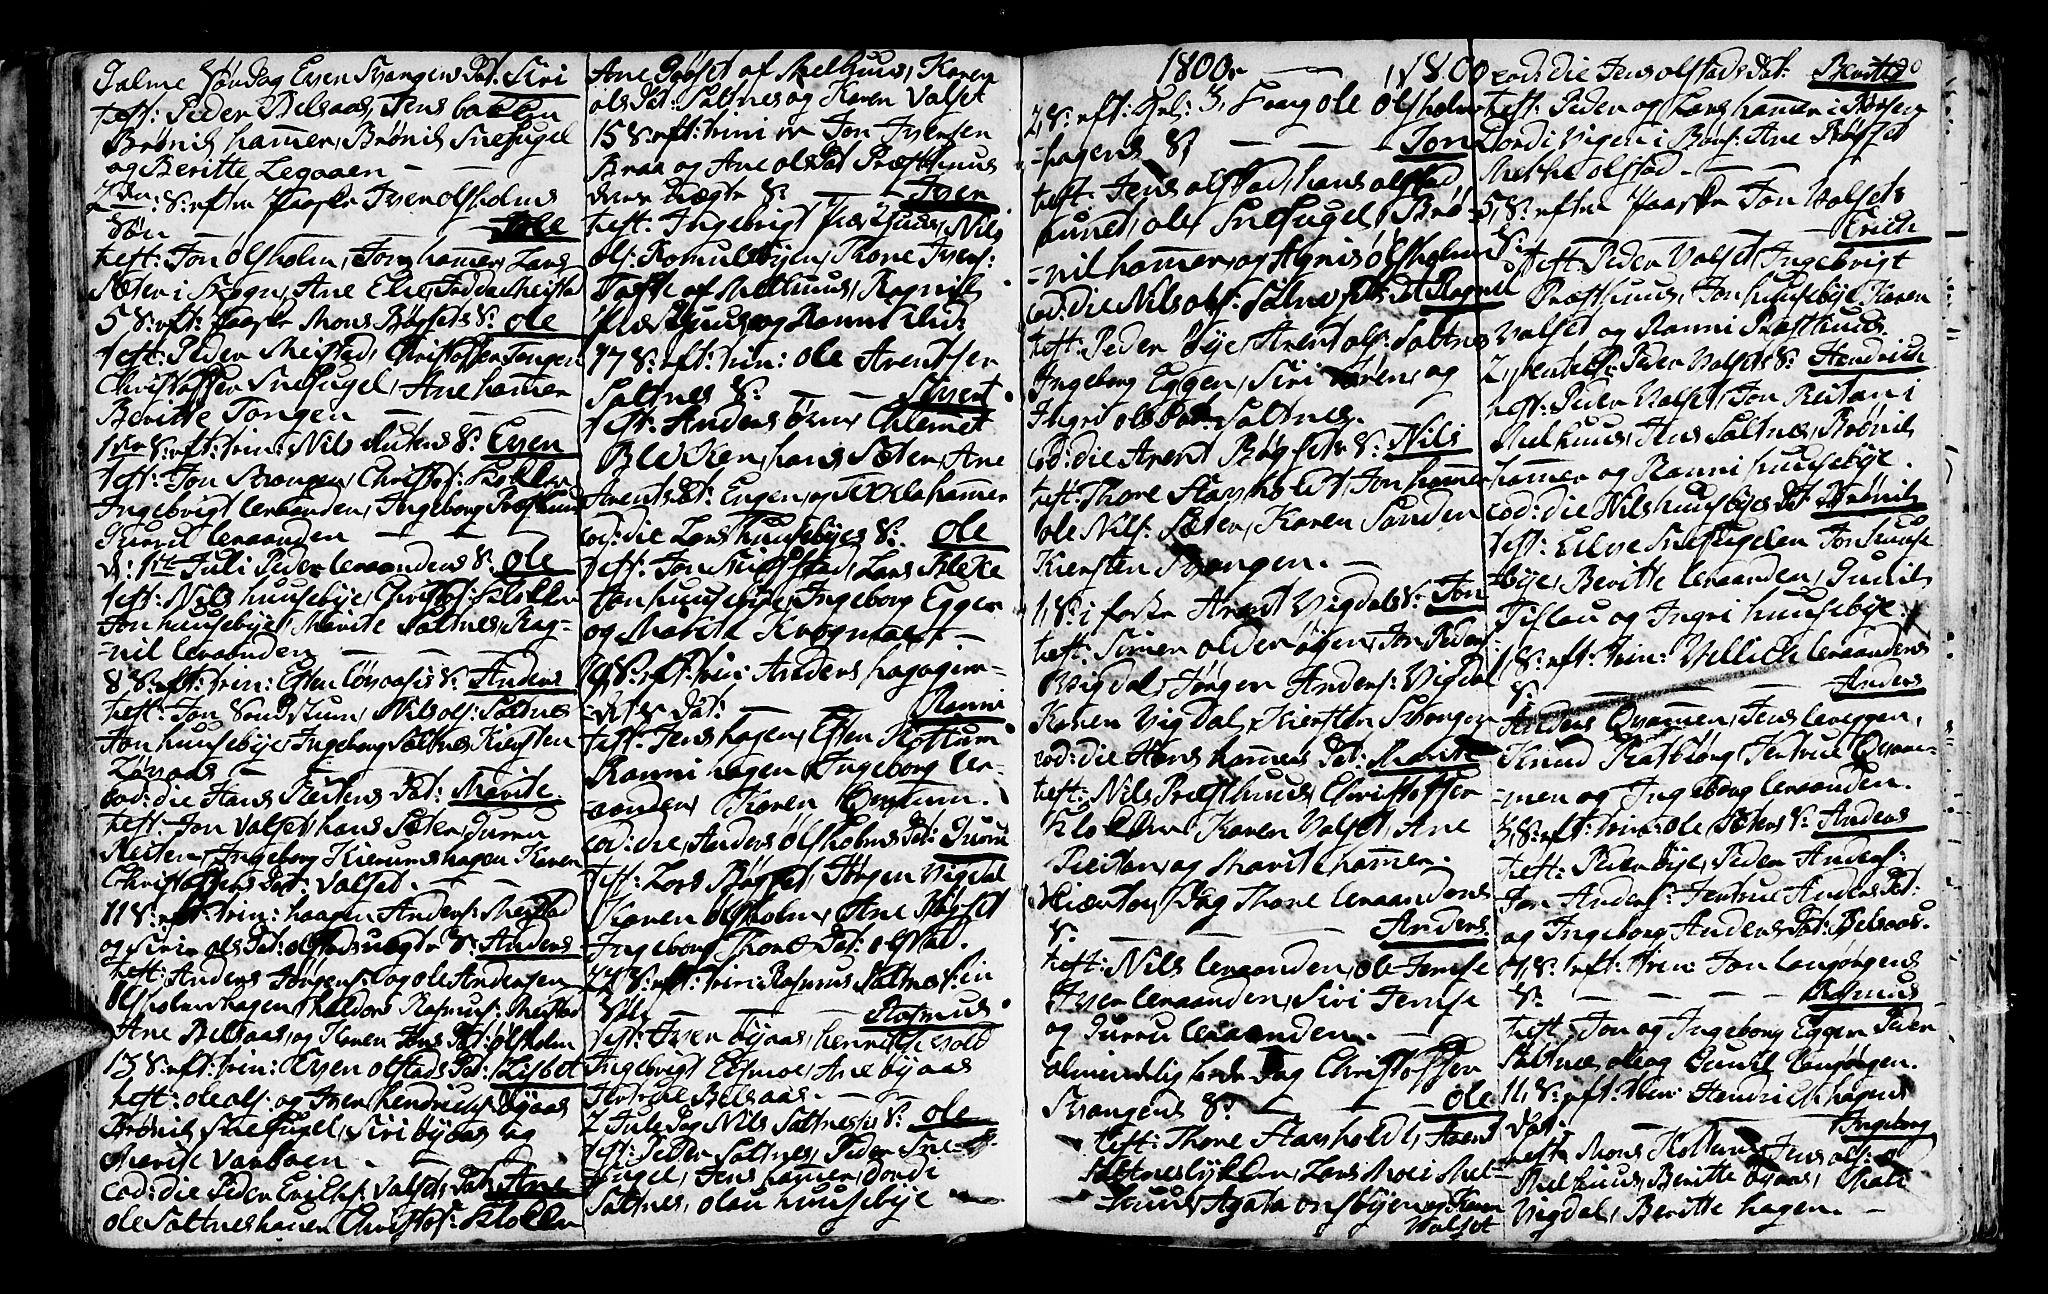 SAT, Ministerialprotokoller, klokkerbøker og fødselsregistre - Sør-Trøndelag, 666/L0784: Ministerialbok nr. 666A02, 1754-1802, s. 90